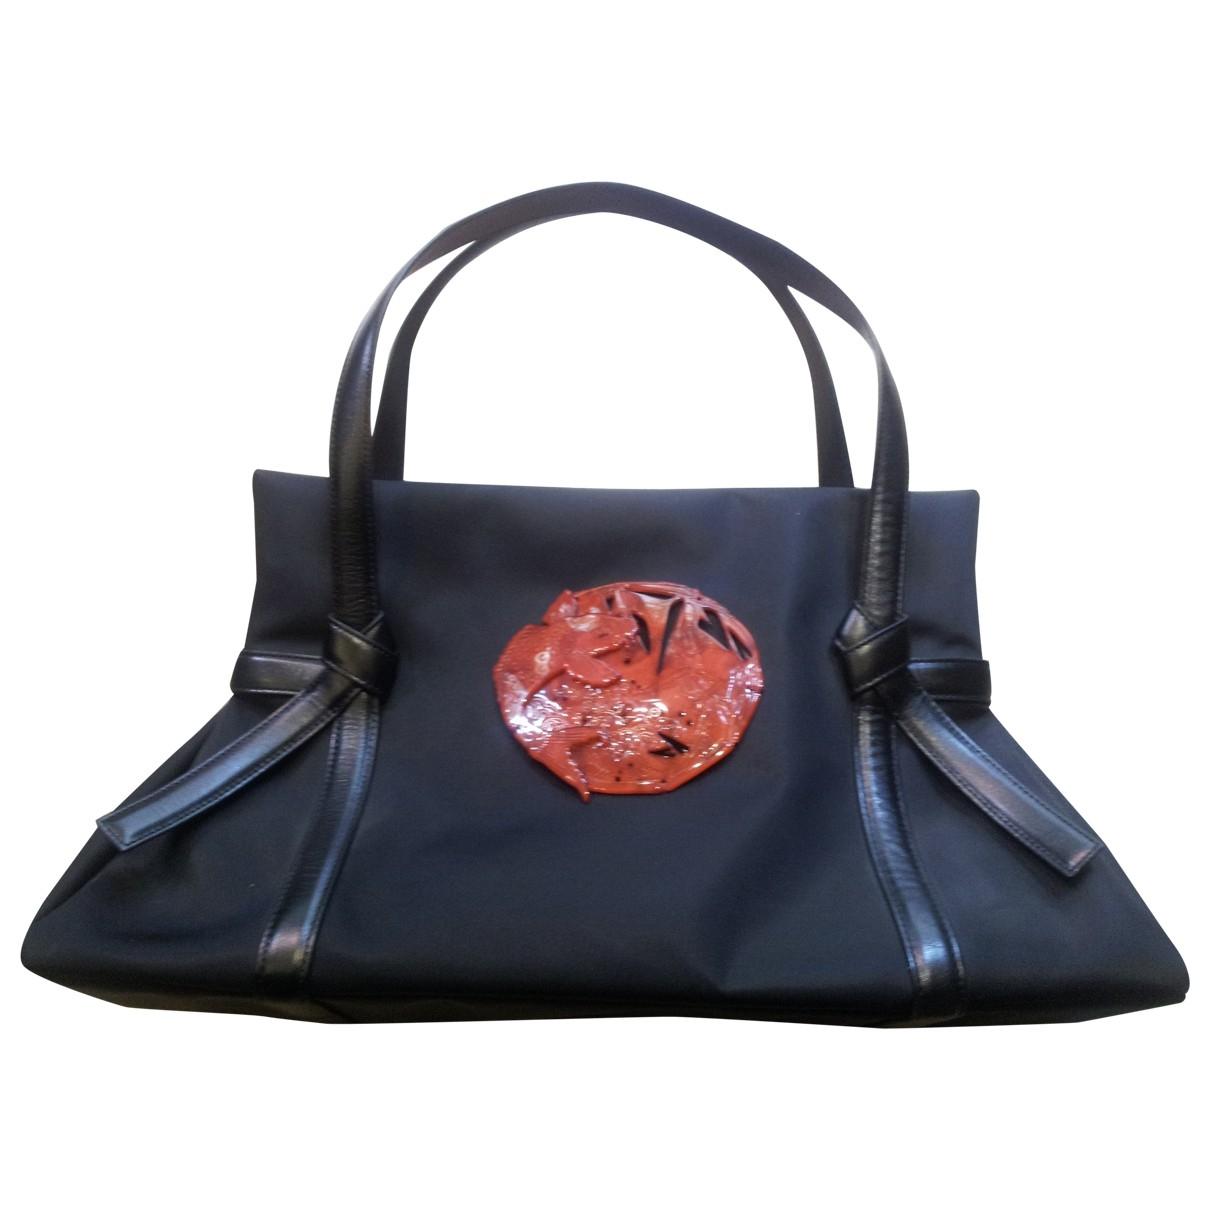 Kenzo \N Handtasche in  Schwarz Synthetik